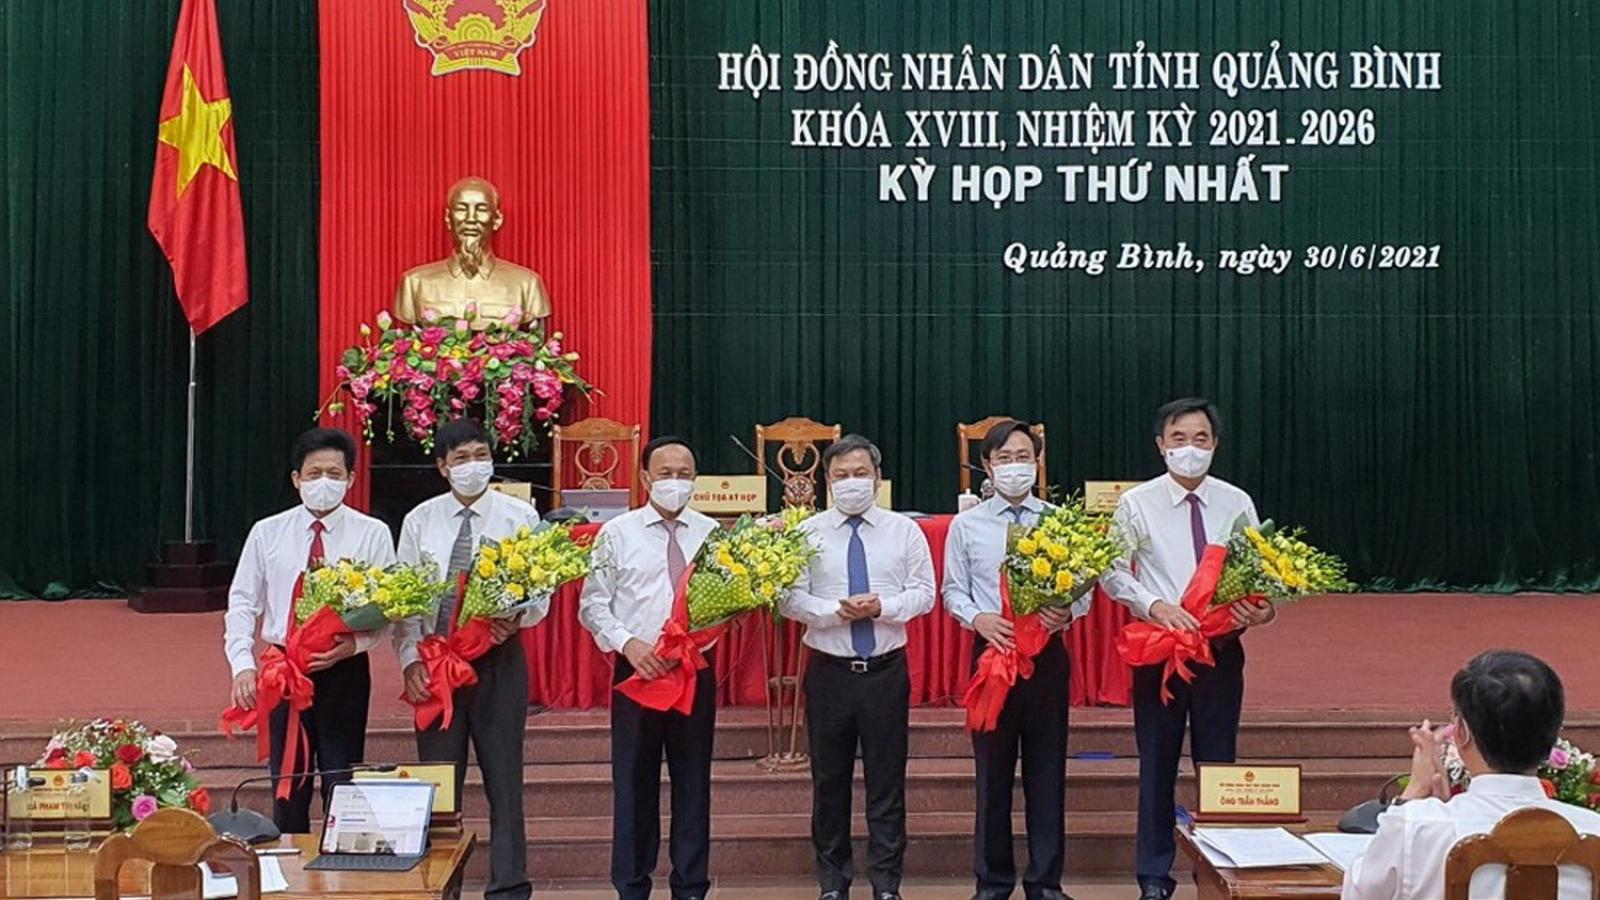 Ông Trần Hải Châu tái đắc cử Chủ tịch HĐNDtỉnh Quảng Bình